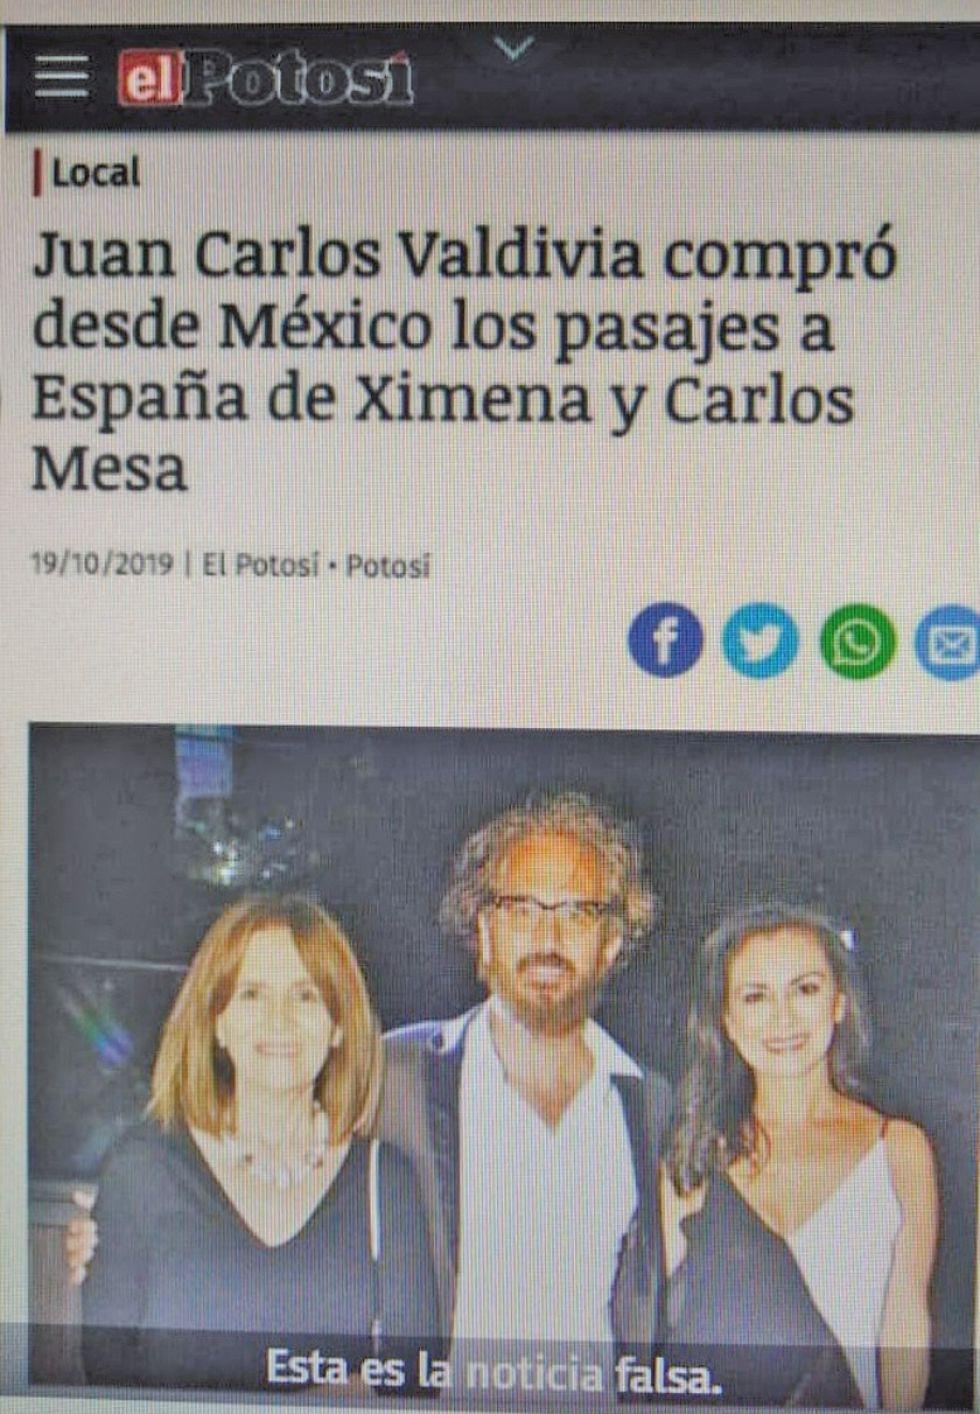 Falsifican noticia y usan a El Potosí